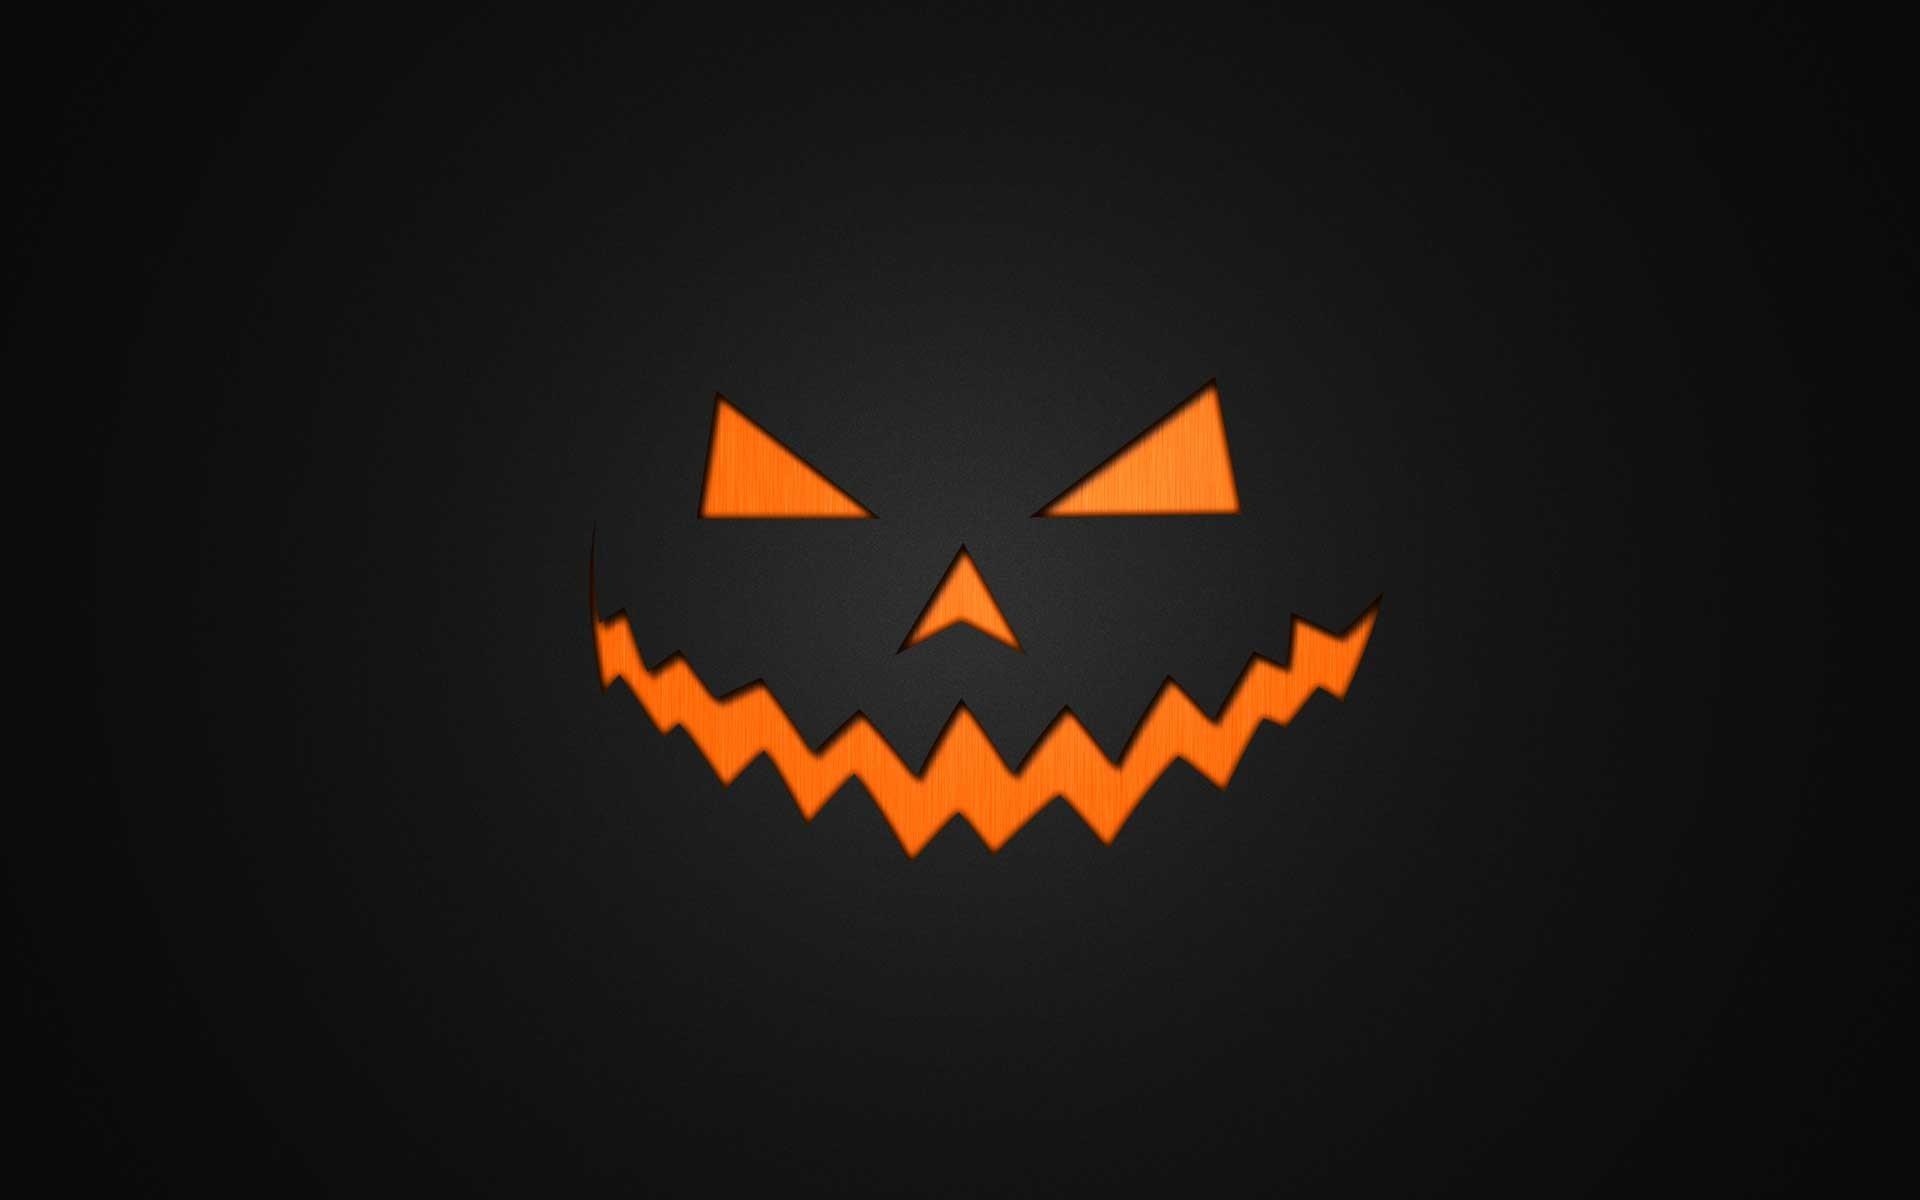 1920x1080 1920x1080 yahoo halloween wallpaper | Halloween Wallpapers 71, Free Wallpapers, Free Desktop Wallpapers,